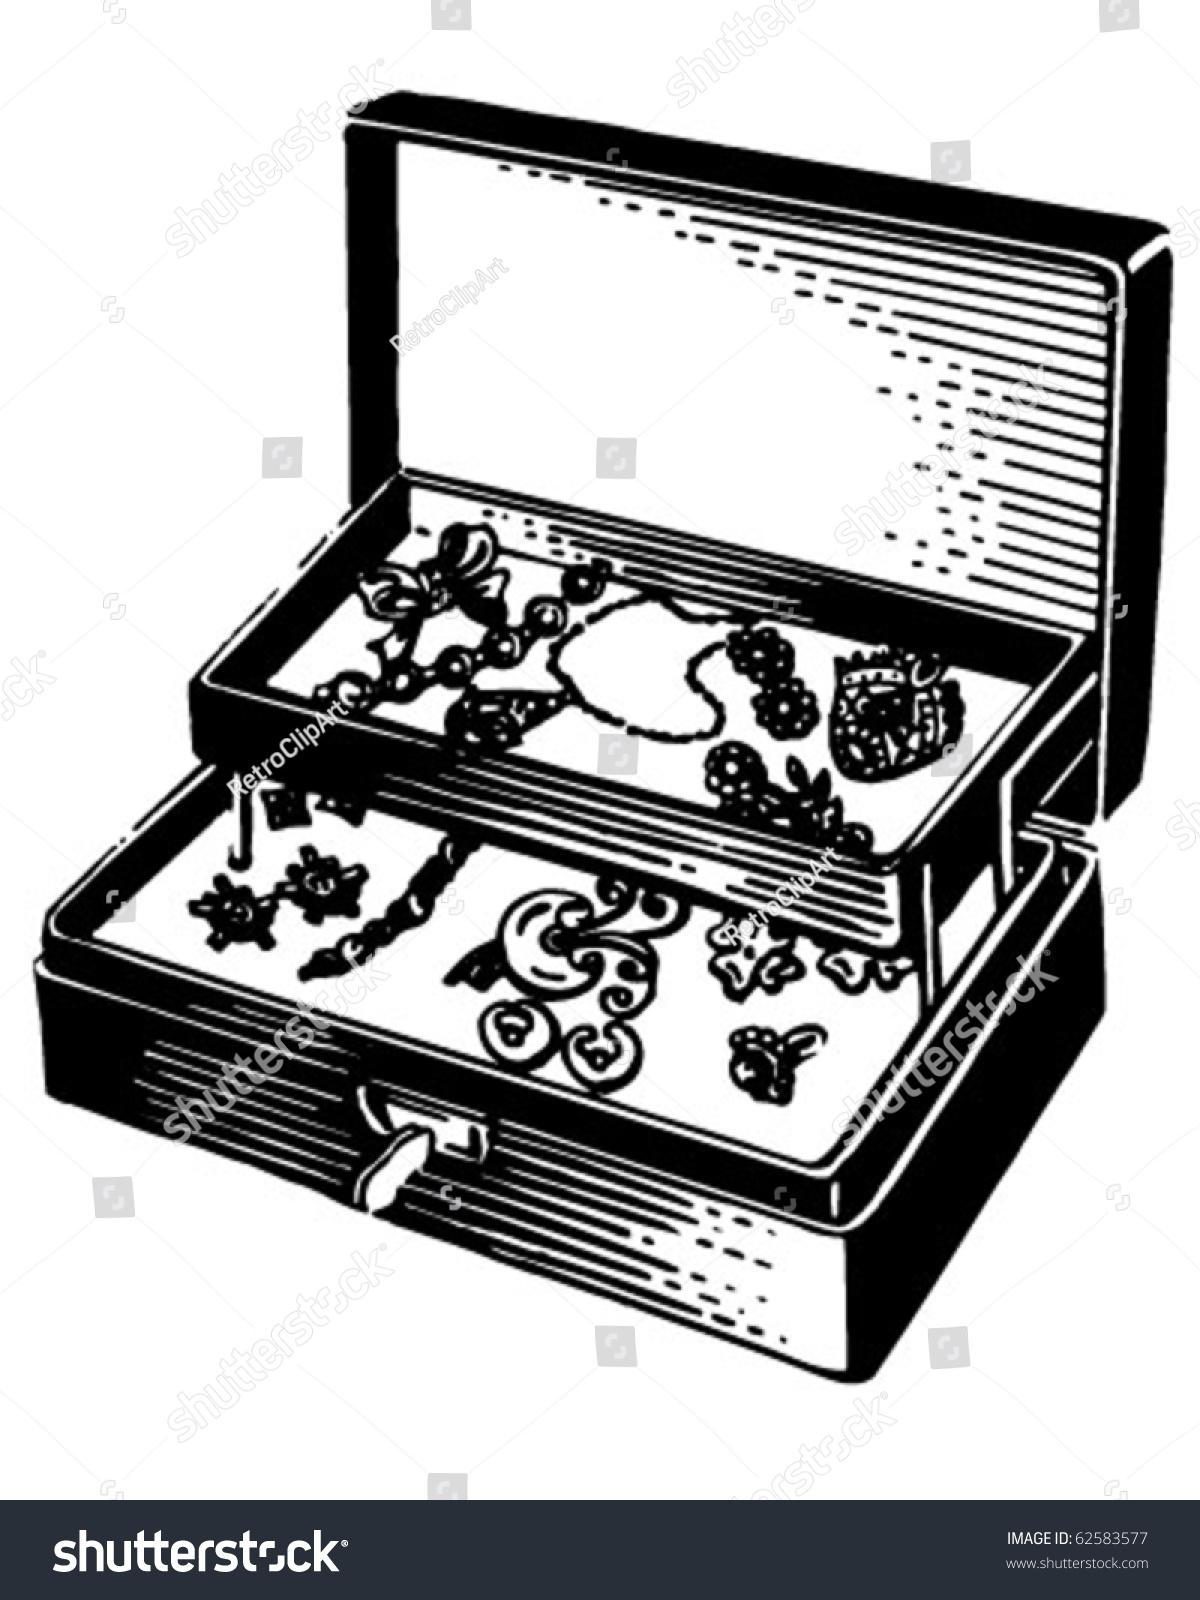 Silver Jewelry Box - Retro Clipart Illustration - 62583577 ...